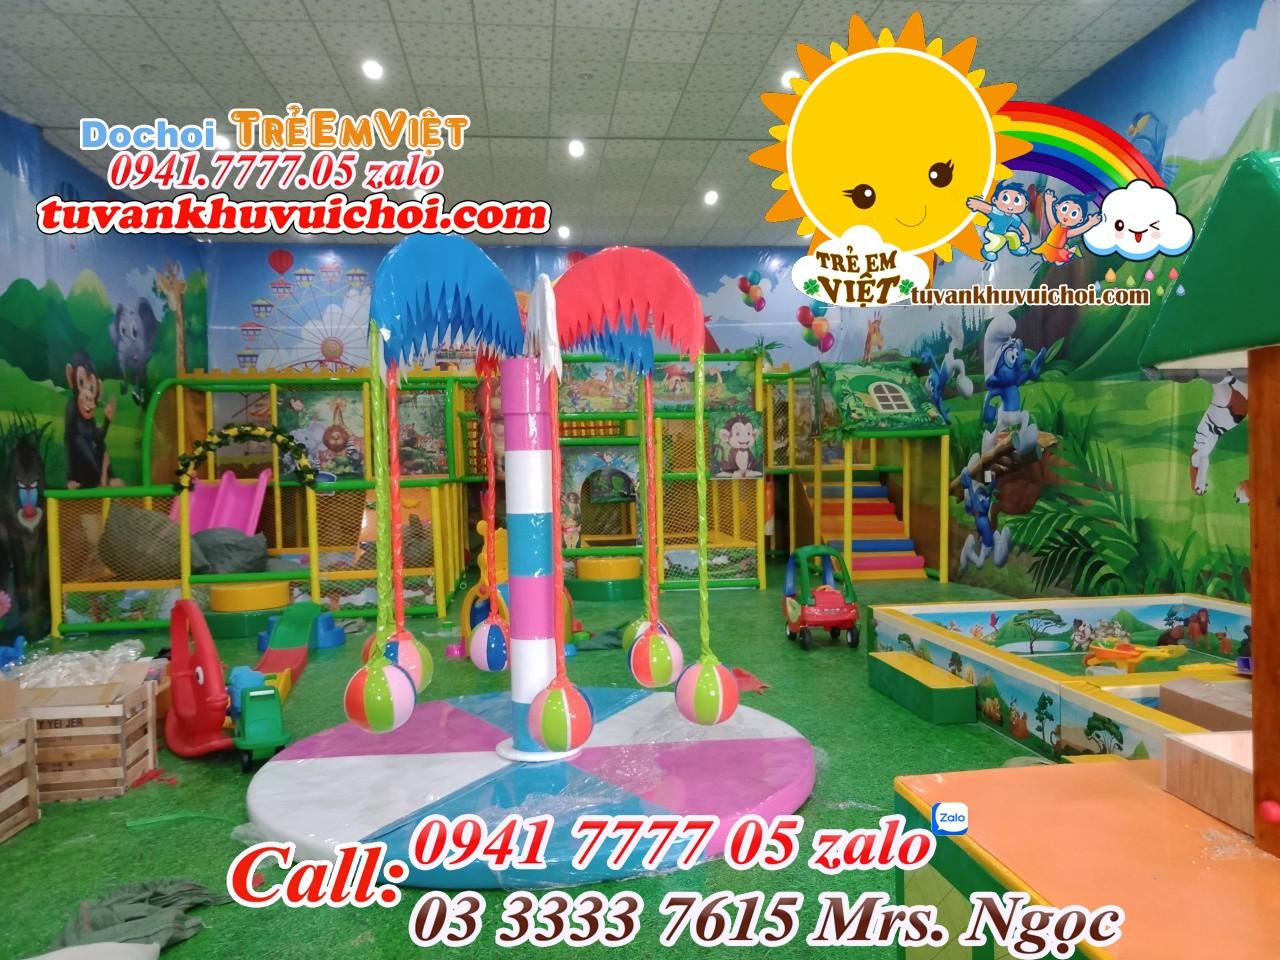 Hình ảnh thực tế đu quay dừa ở công trình lắp đặt khu vui chơi trẻ em